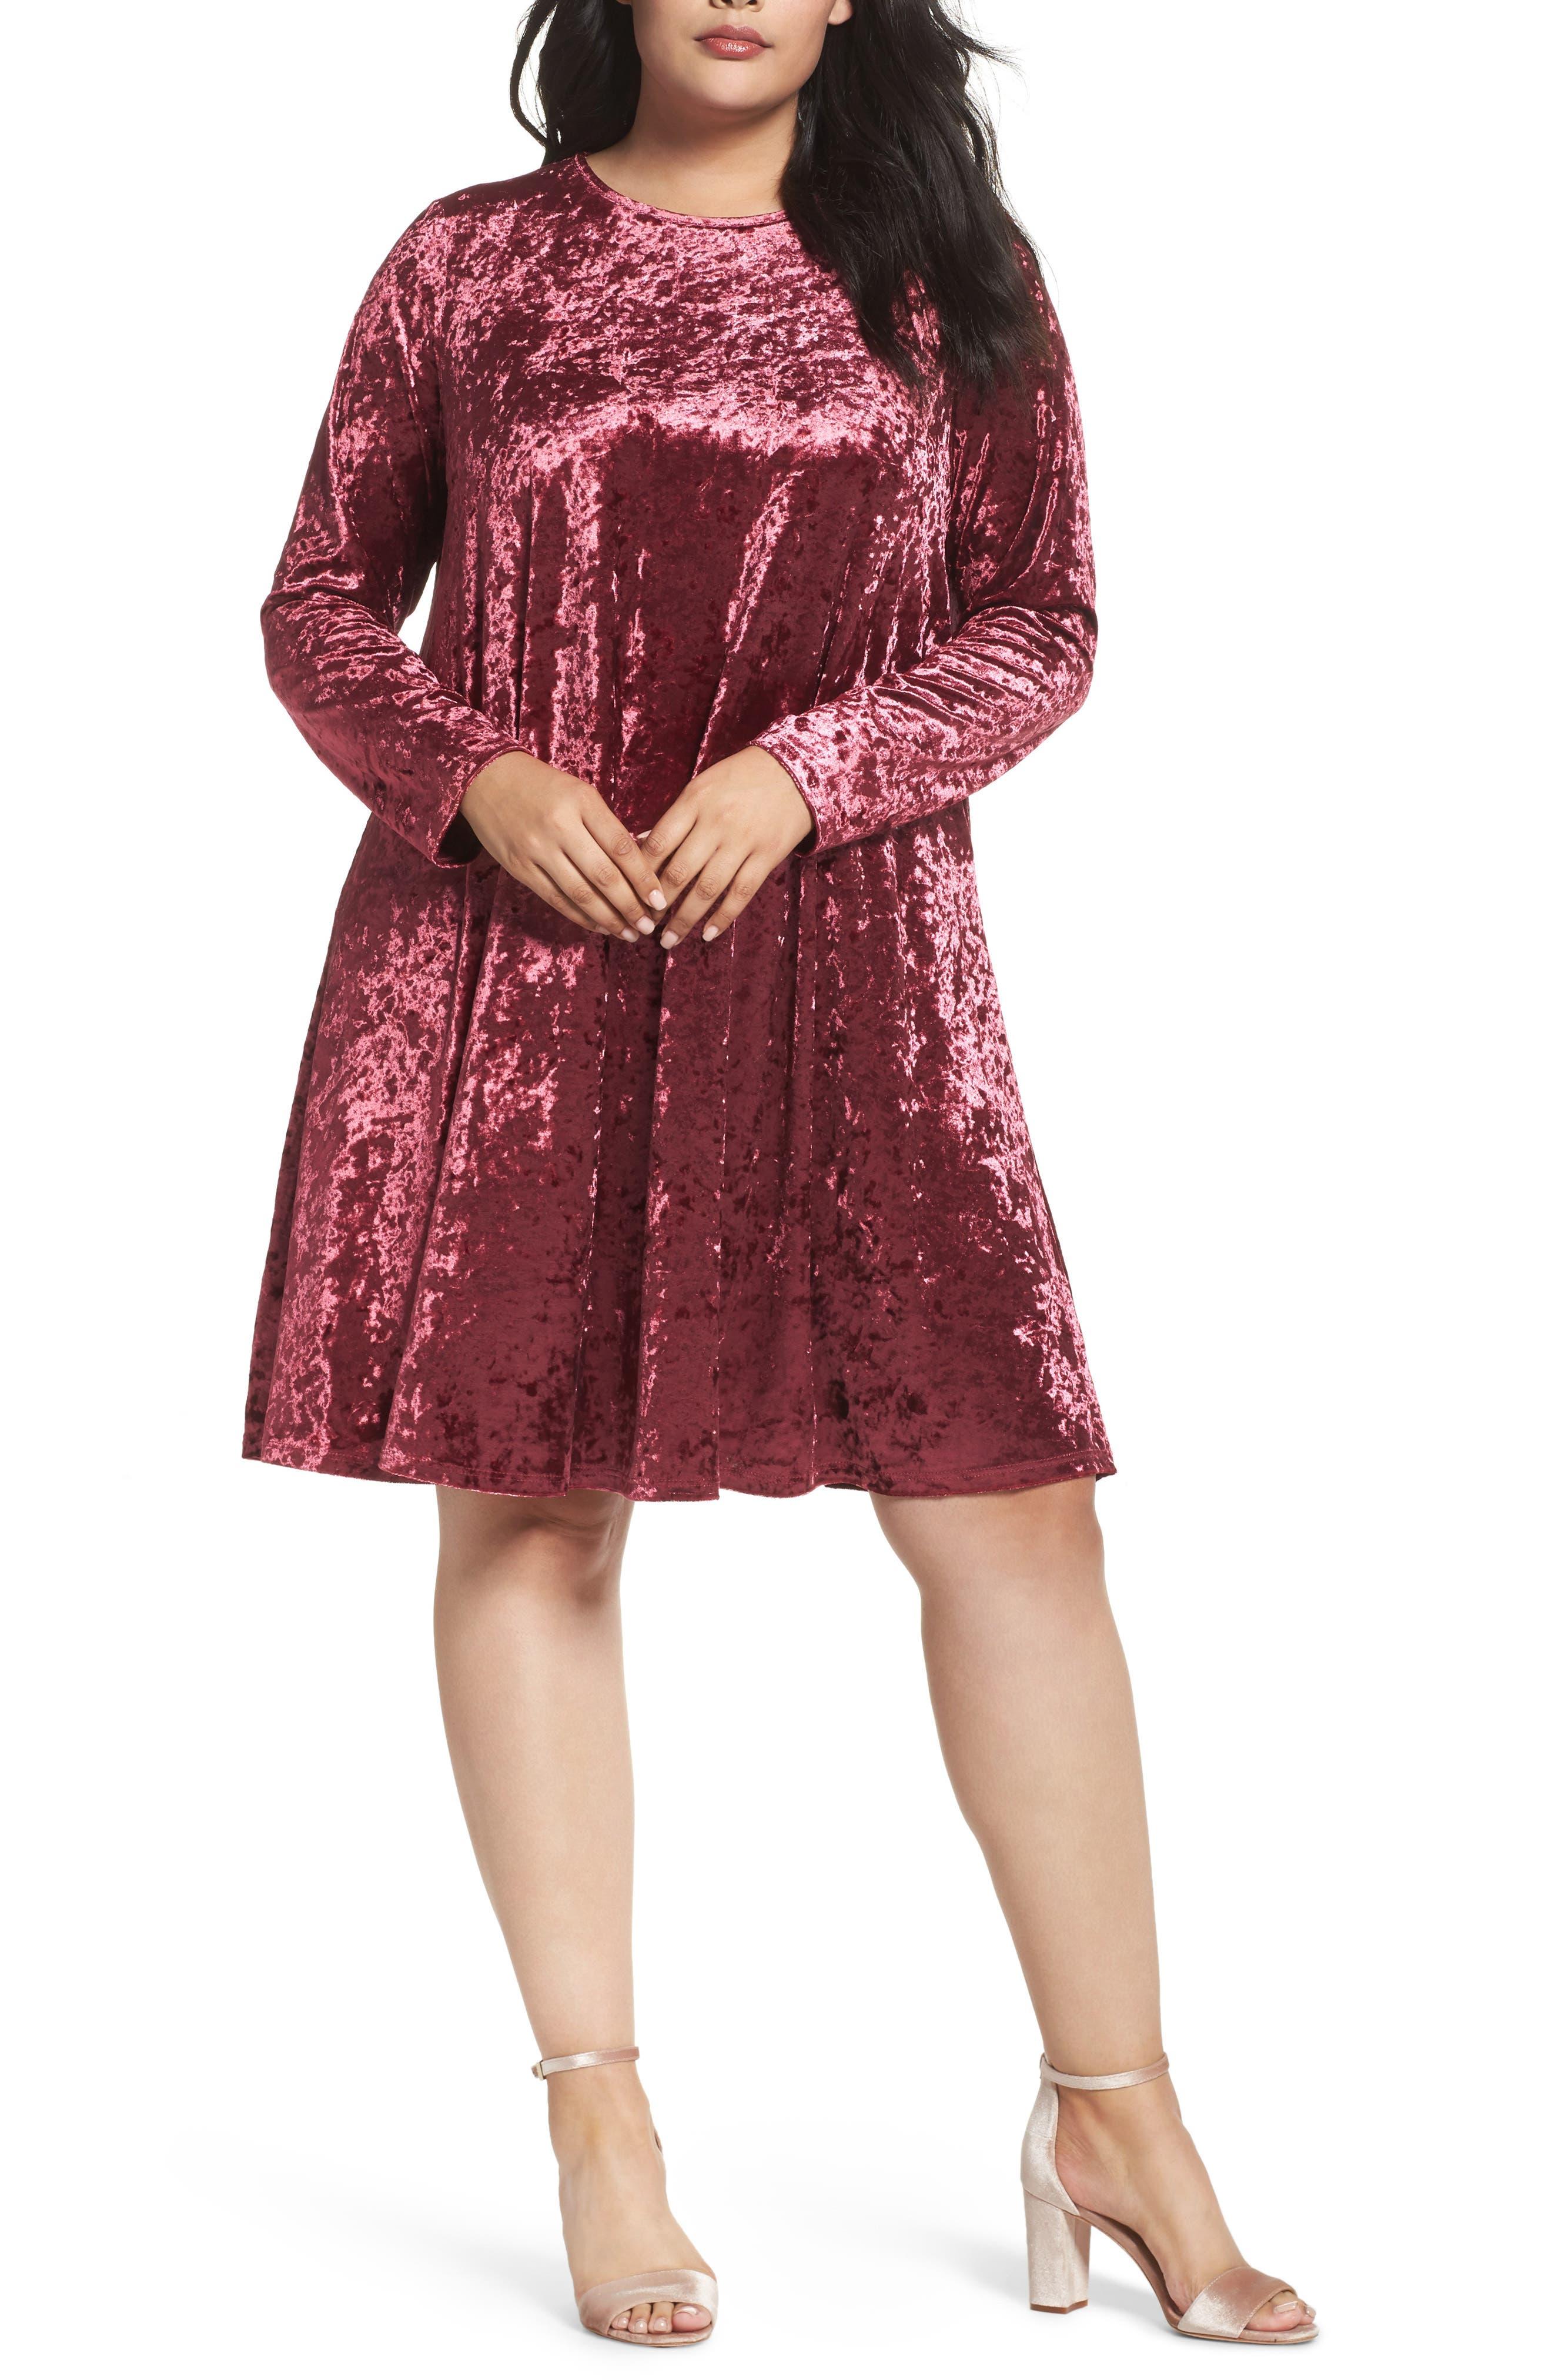 Alternate Image 1 Selected - Glamorous Velvet Shift Dress (Plus Size)